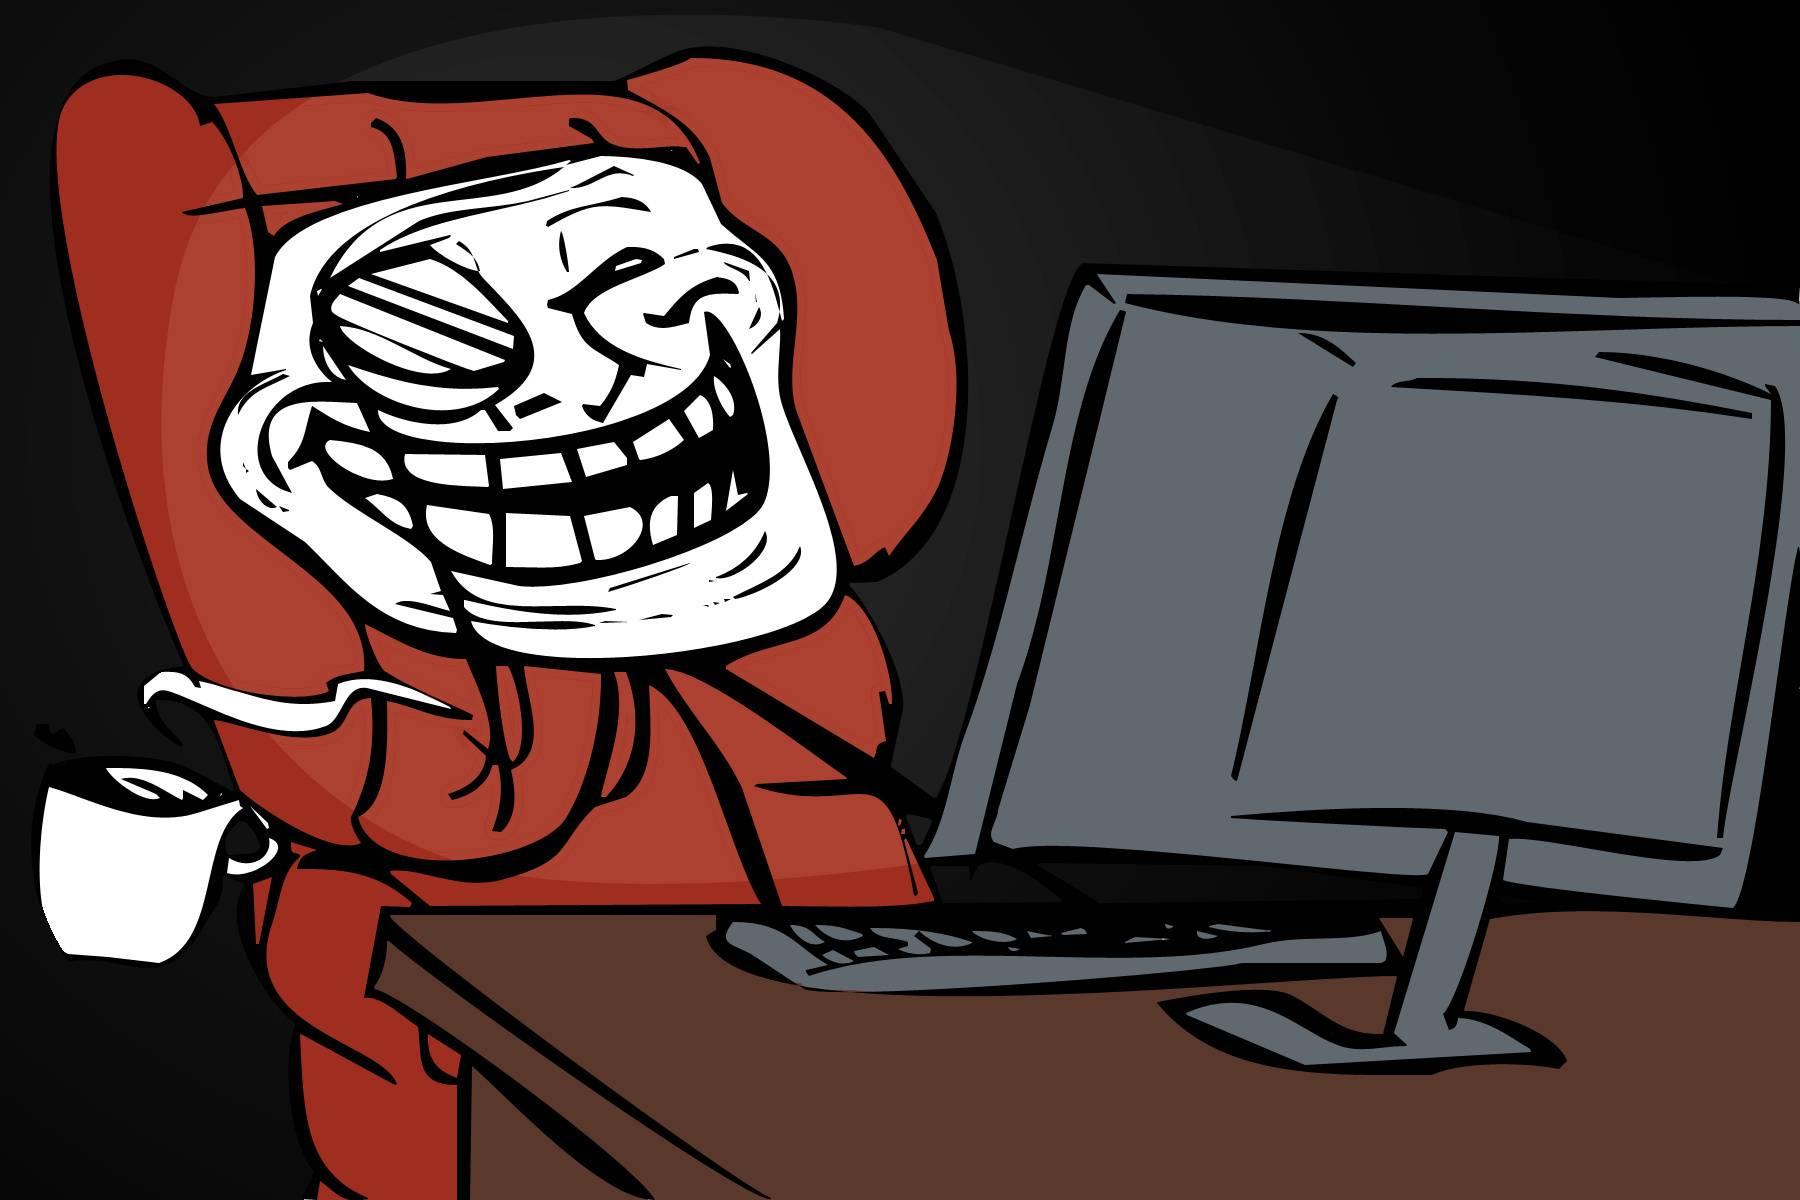 Nueva extensión de Google Chrome bloqueará comentarios de trolls en Internet